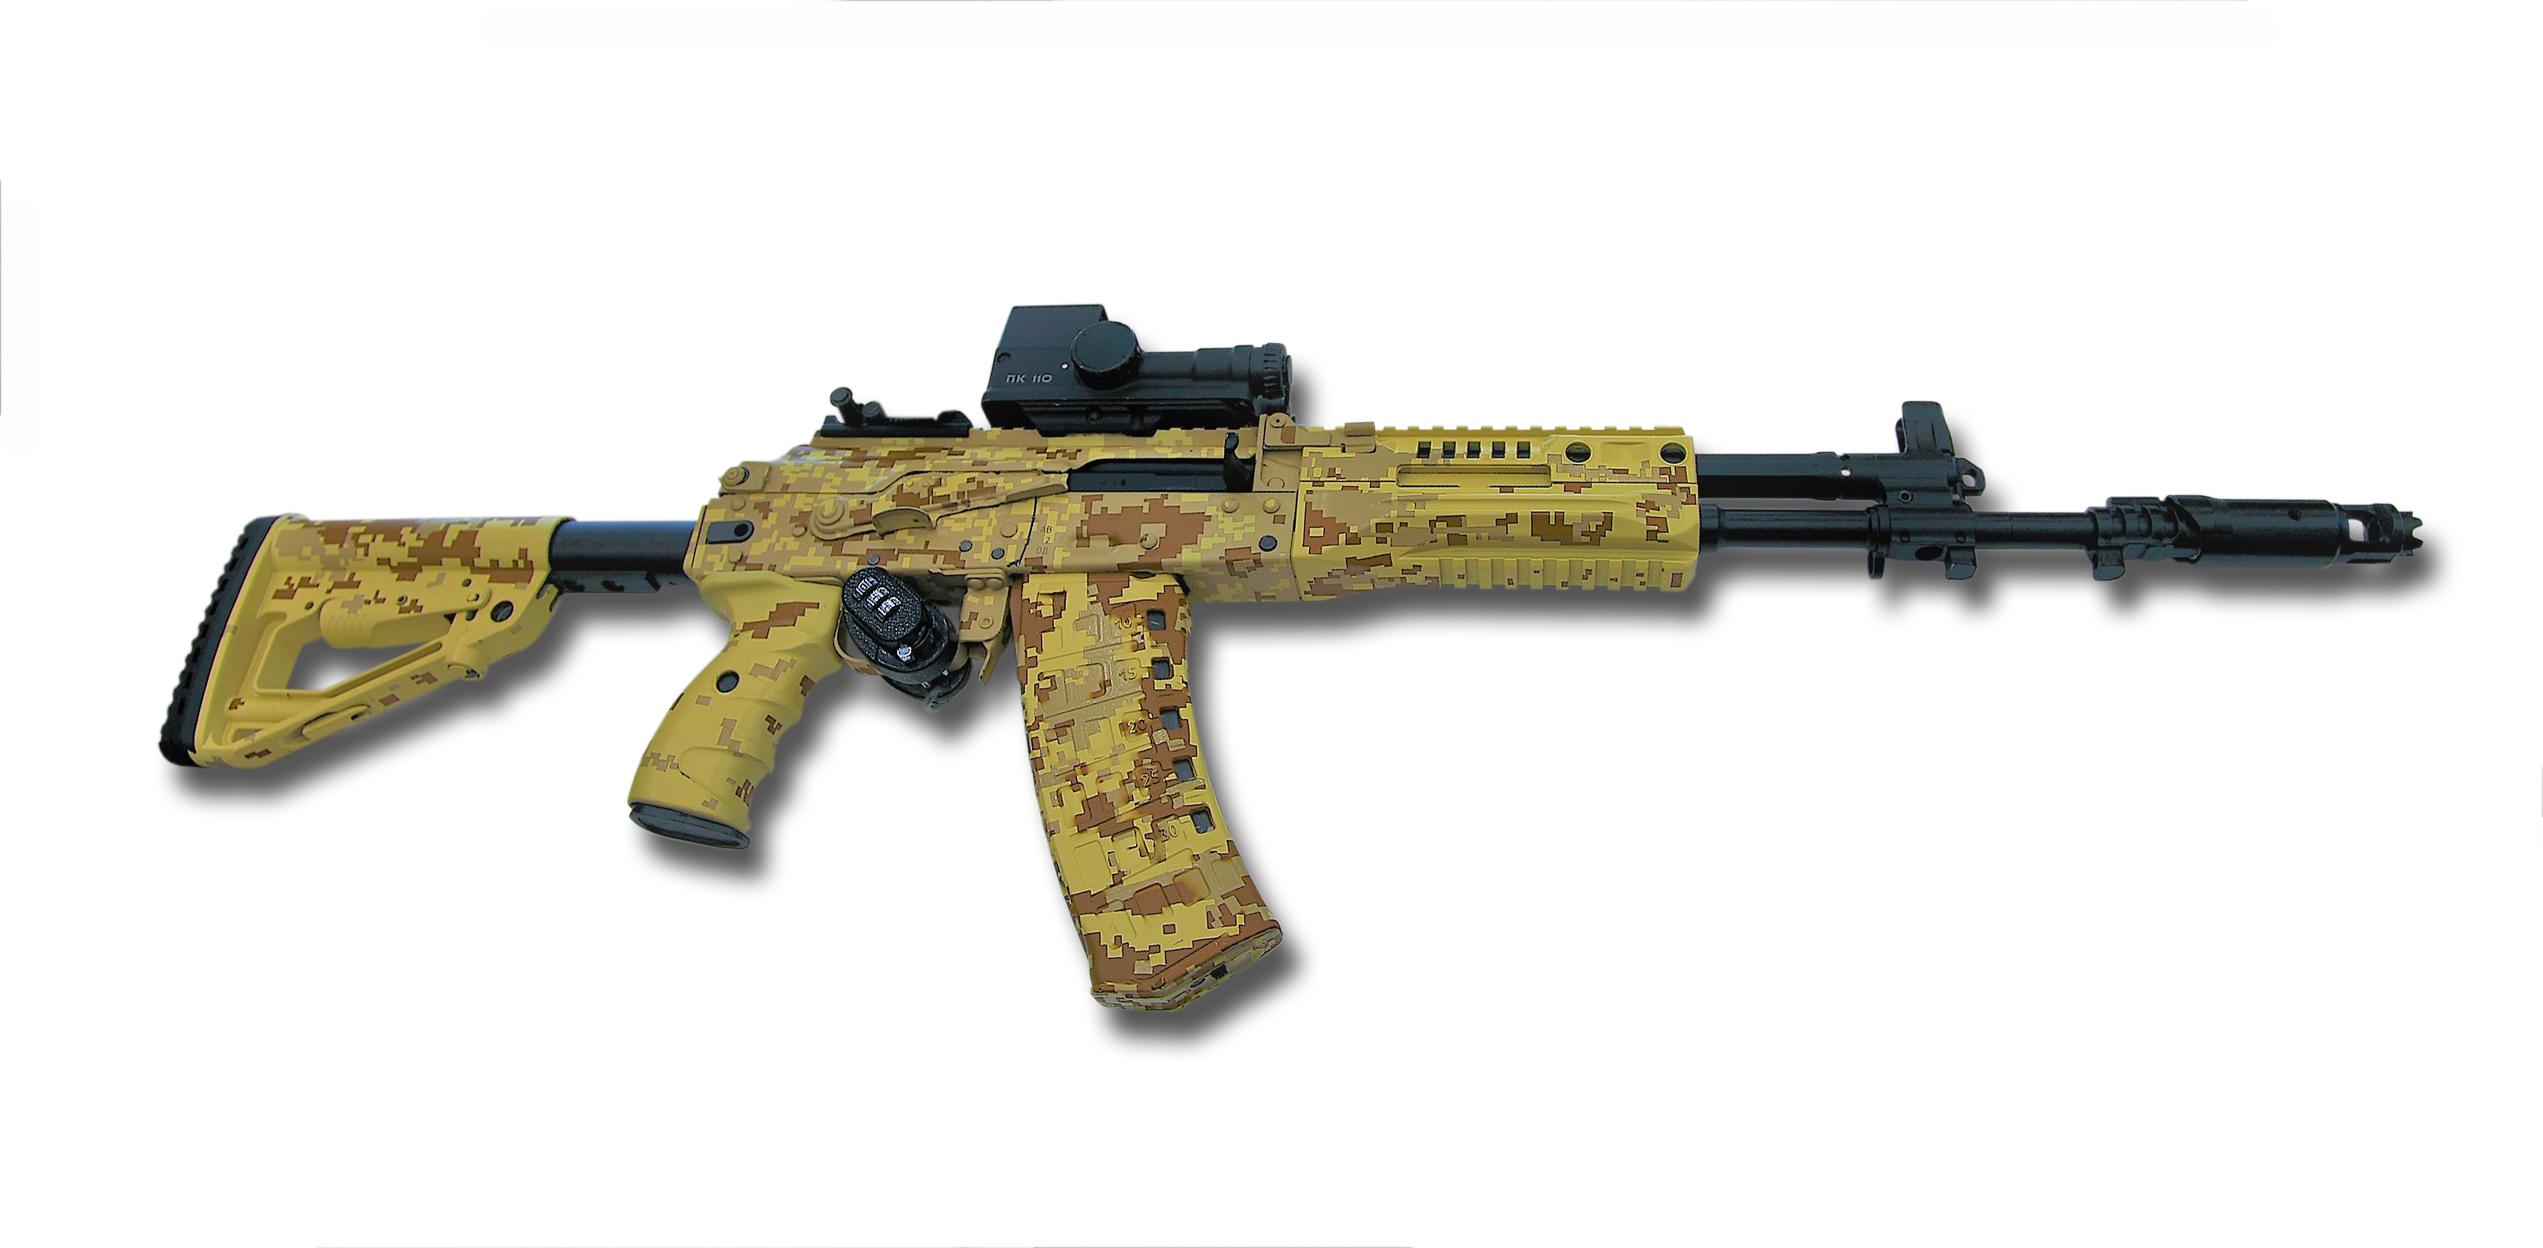 AK-15 | Kylar Wiki | Fandom